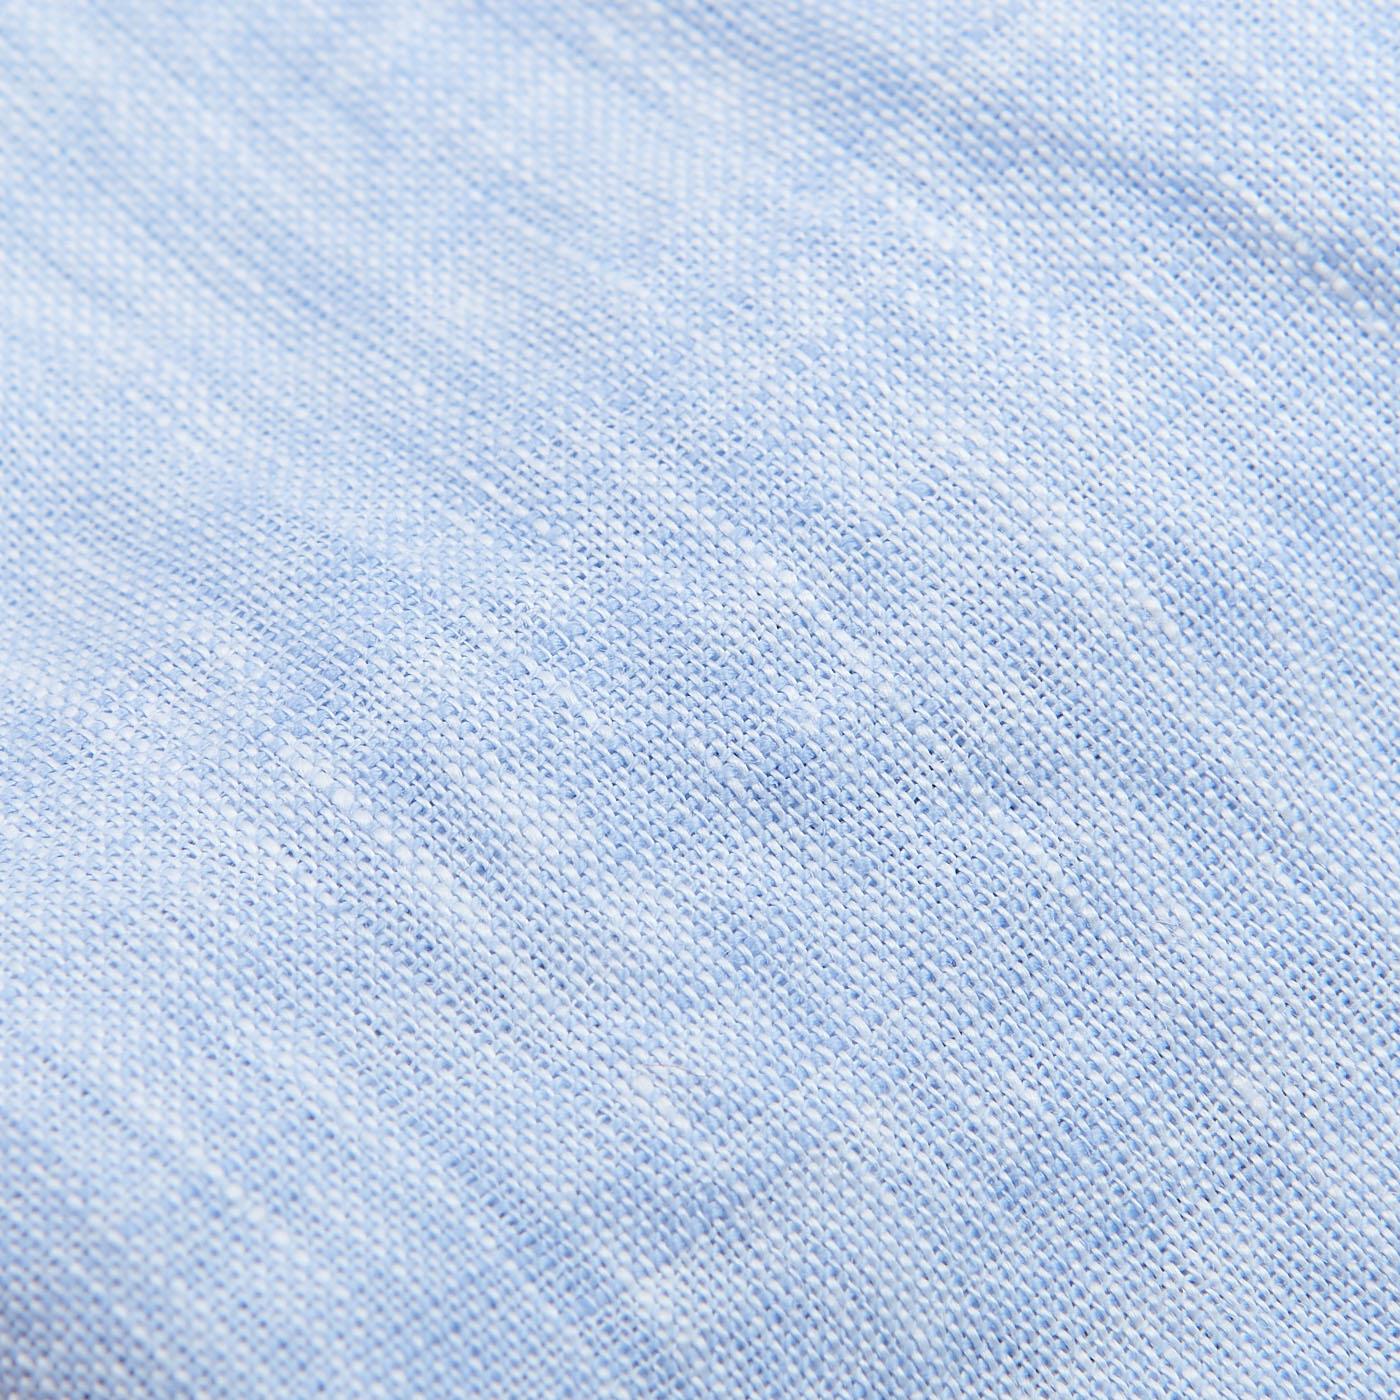 Stenströms Light Blue Linen Fitted Body Short Sleeve Shirt Fabric